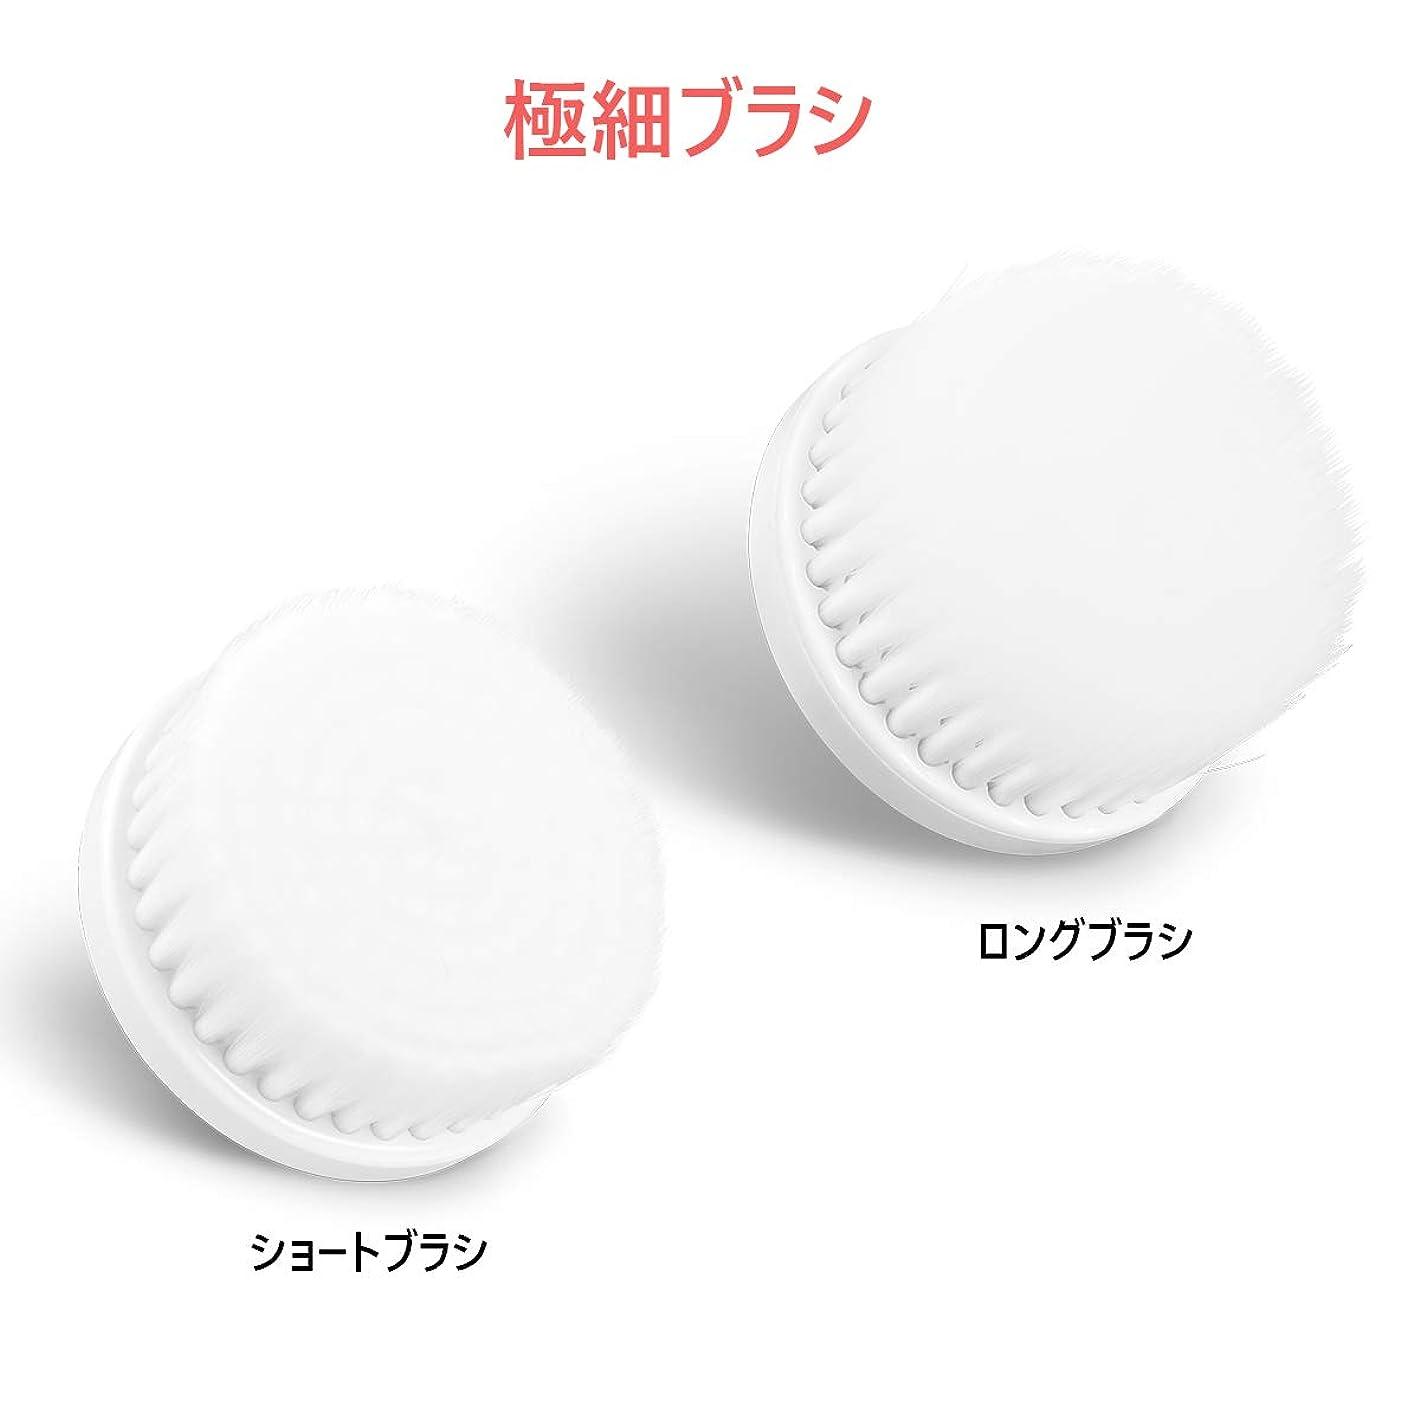 迷彩防衛唇MIQA 電動洗顔ブラシ 専用 交換用ヘッド 替換ブラシ 4個入り